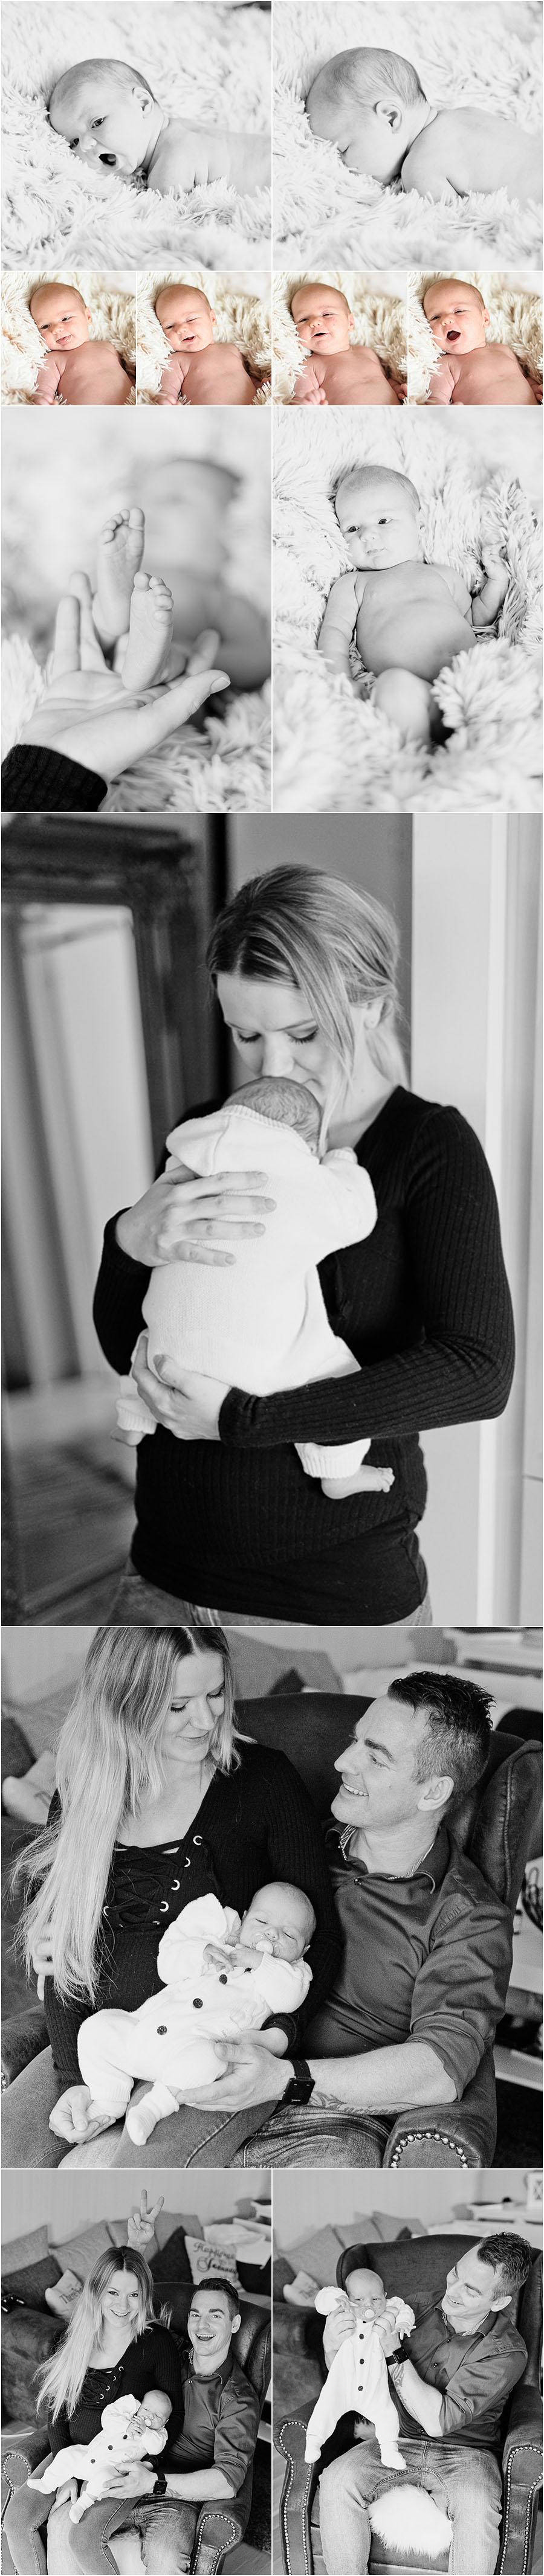 Lily - bebisfotografering, Uppsala